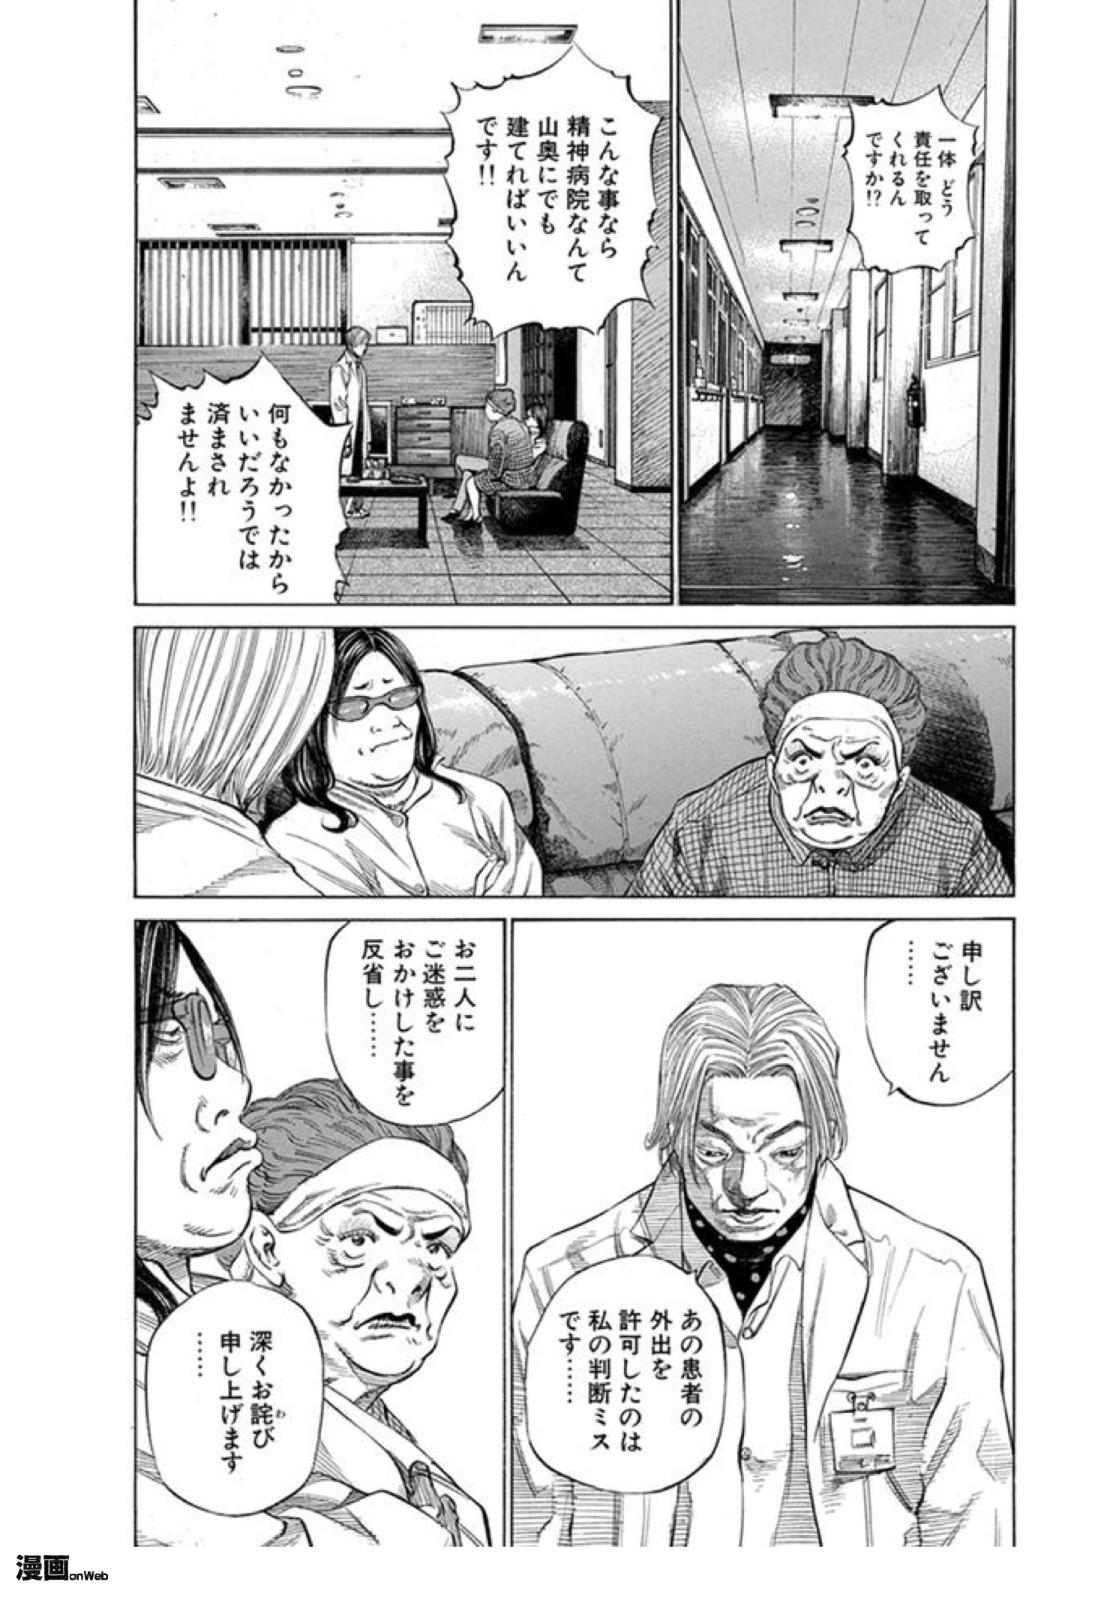 図8『ブラックジャックによろしく』9巻137ページ